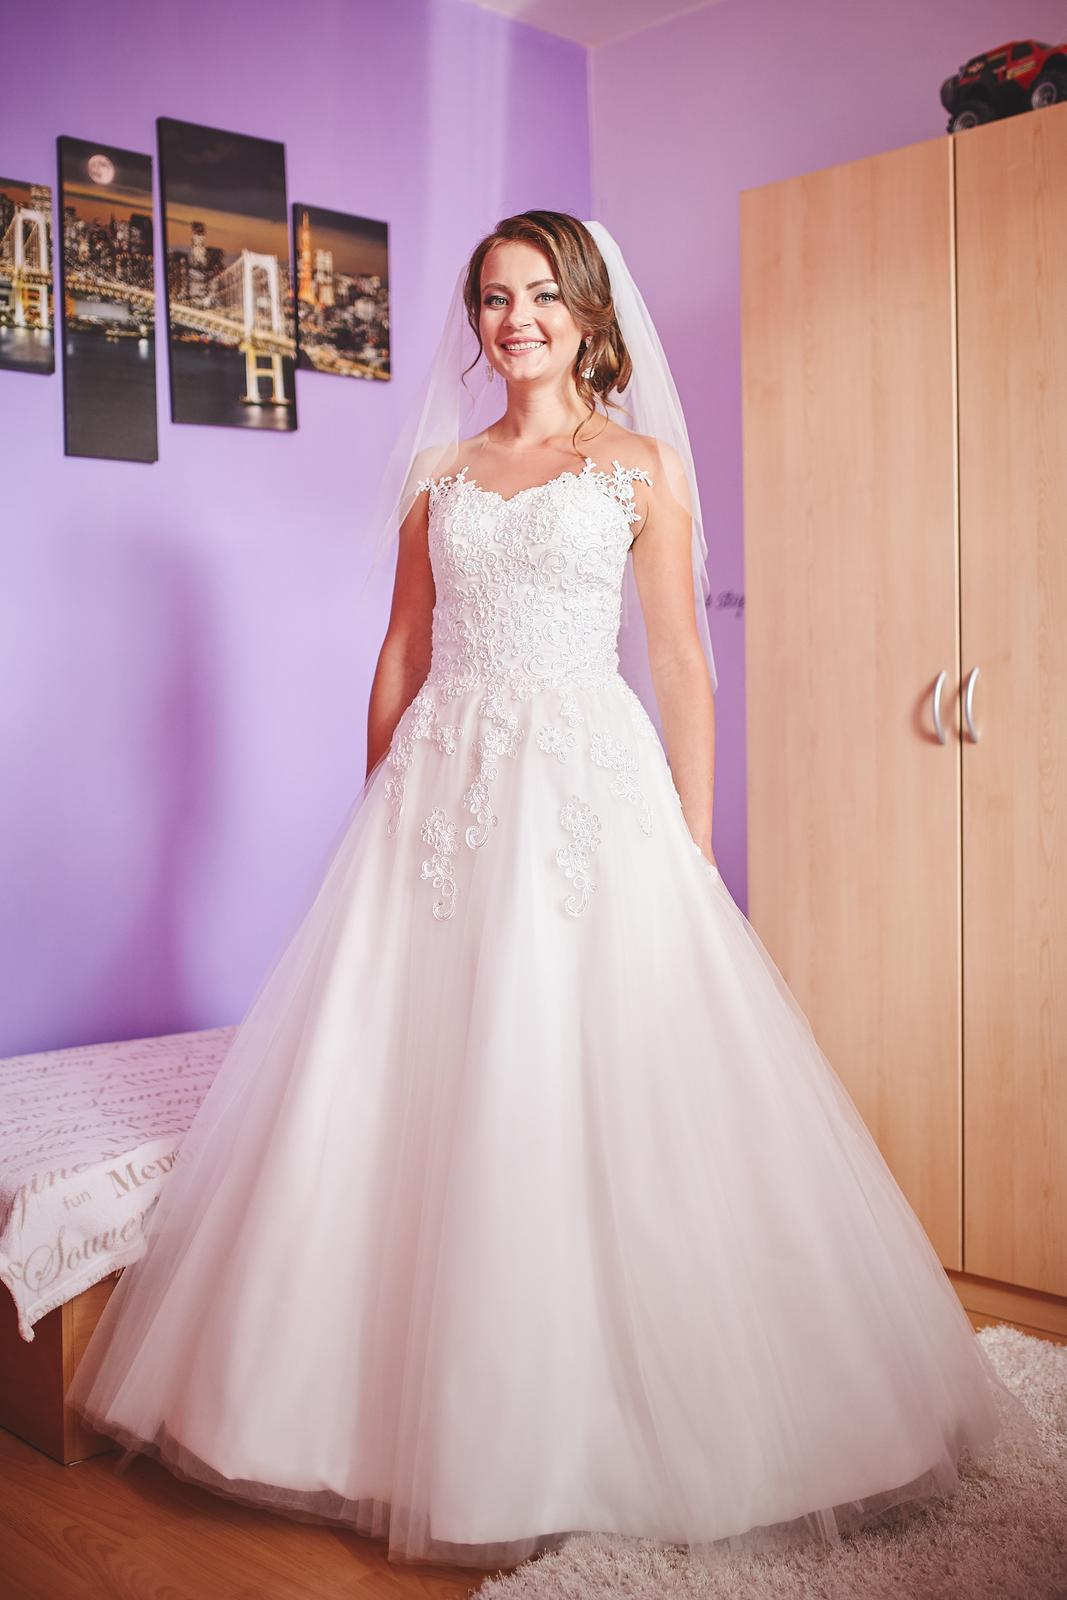 Svadobné Šaty šité svadobný ateliér by Salón Renky - Obrázok č. 1